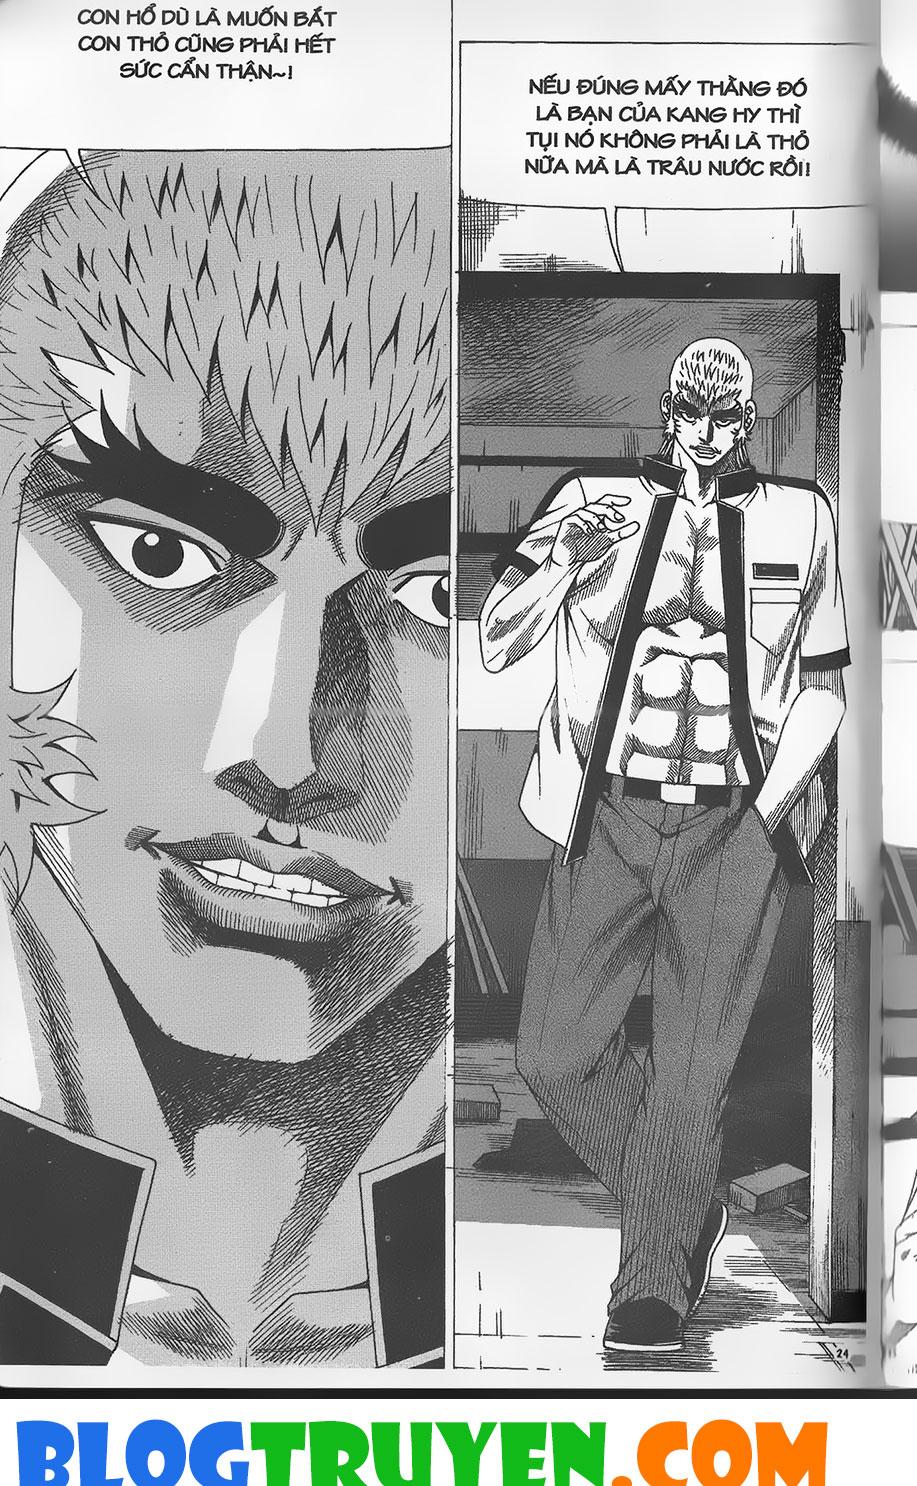 Bitagi - Anh chàng ngổ ngáo chap 281 trang 20